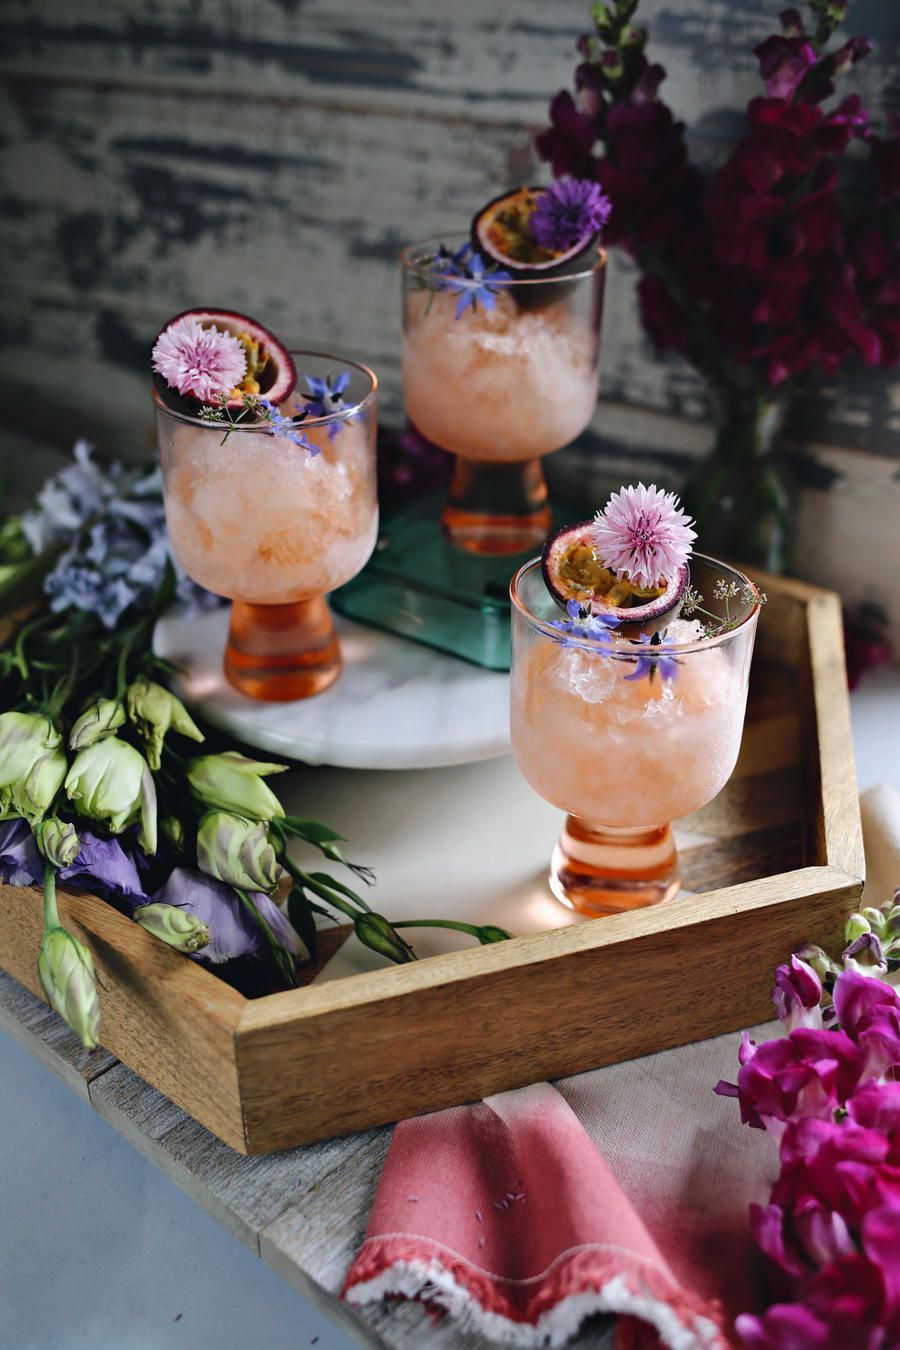 , 7 Δημοφιλή Cocktail πλούσια σε αντιοξειδωτικά, με λίγες θερμίδες, για καλοκαιρινή απόλαυση!!